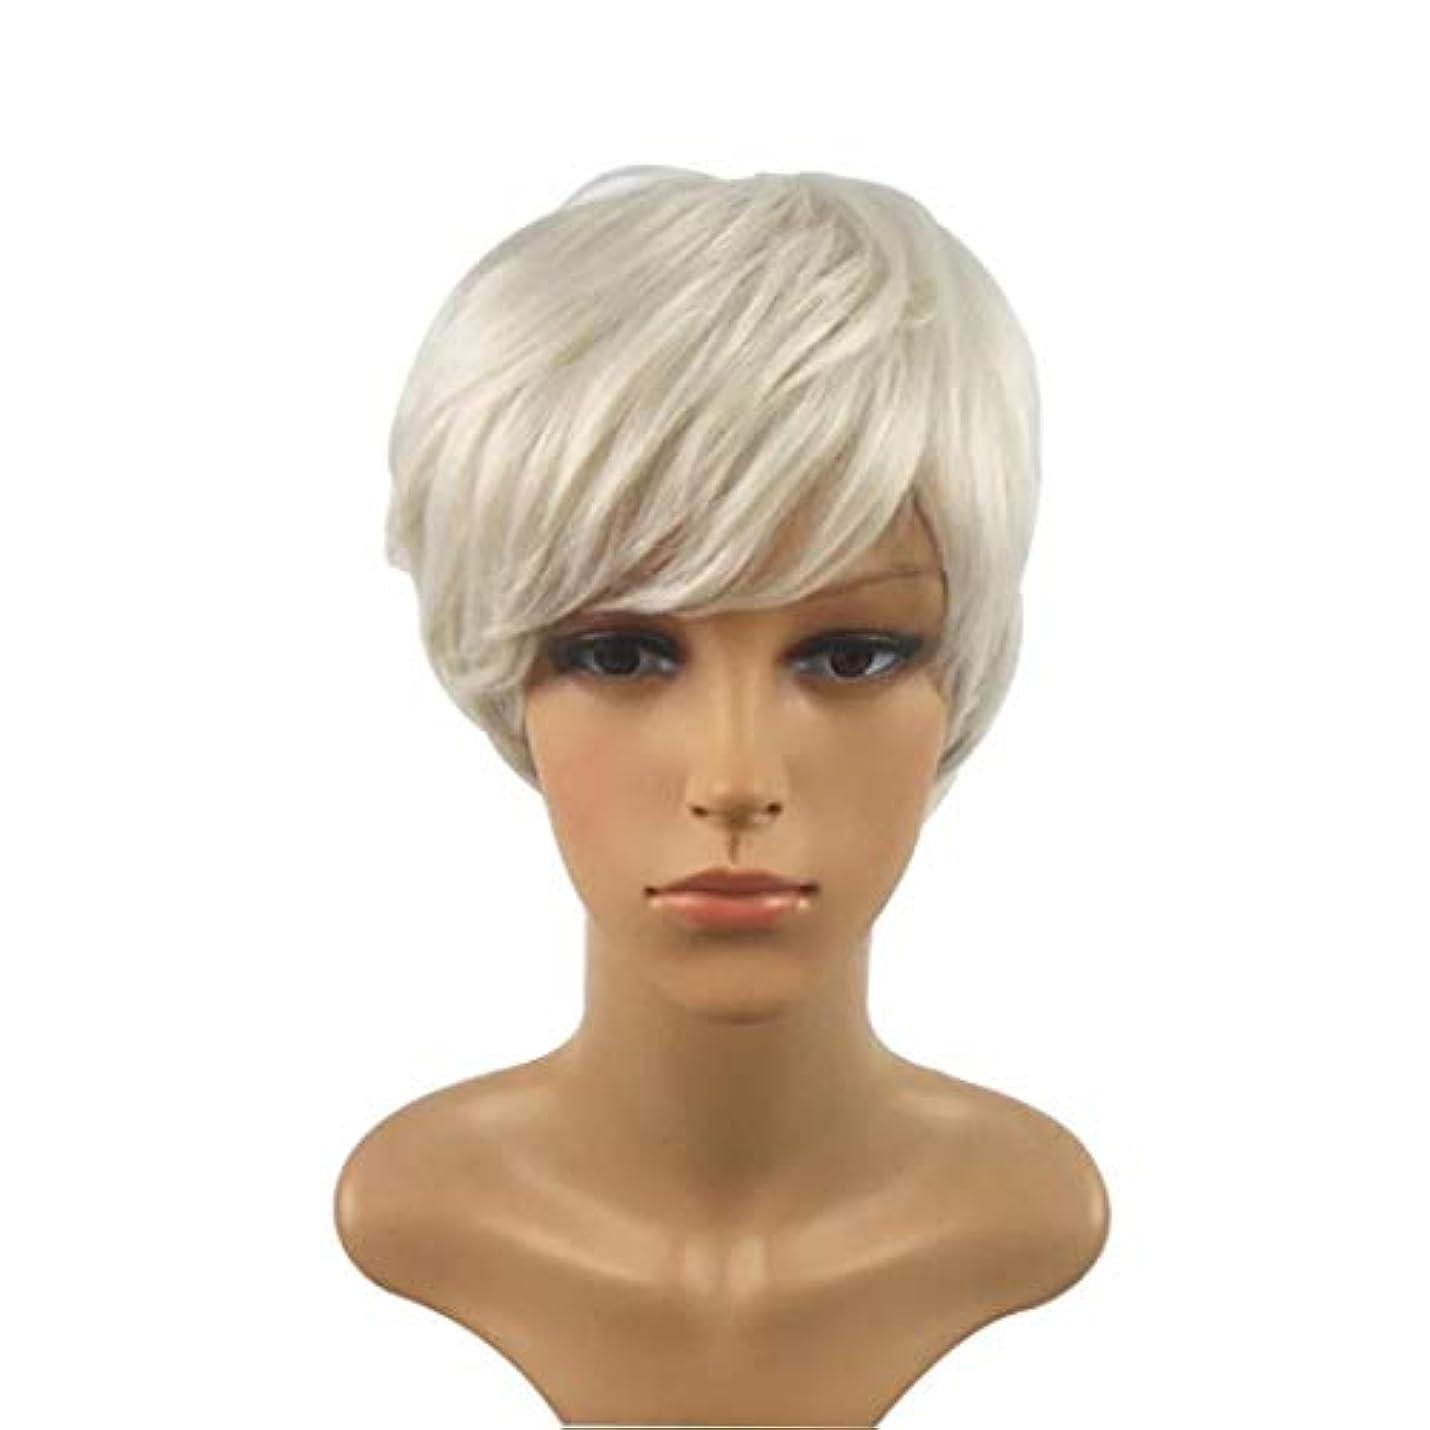 運賃大破ひどいKerwinner 短い巻き毛のかつら髪かつら女性のための自然な耐熱フルウィッグ